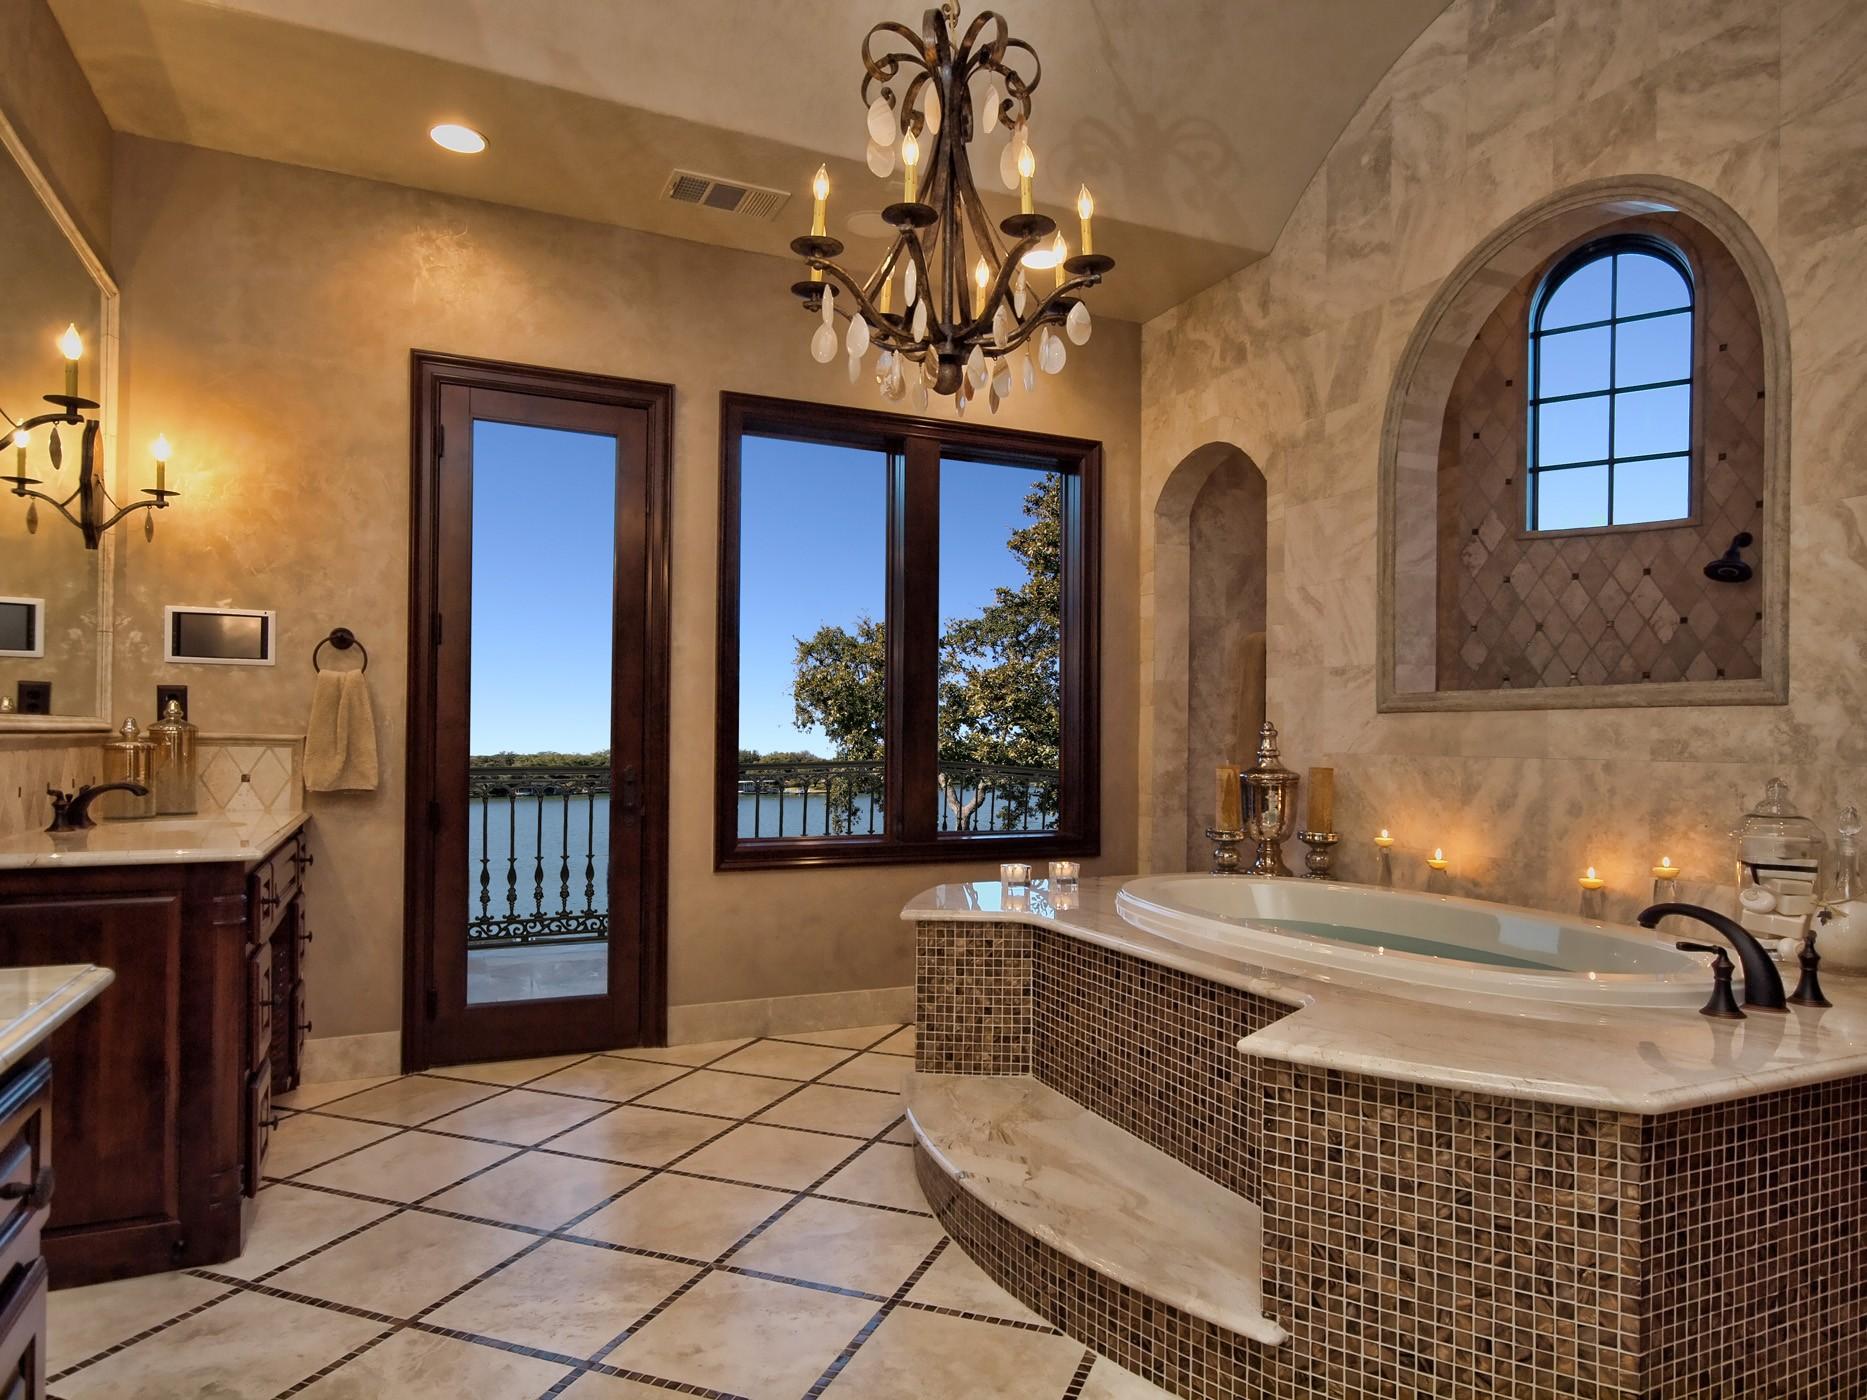 Ванная в средиземноморском стиле отлично сочетается со многими стилистиками